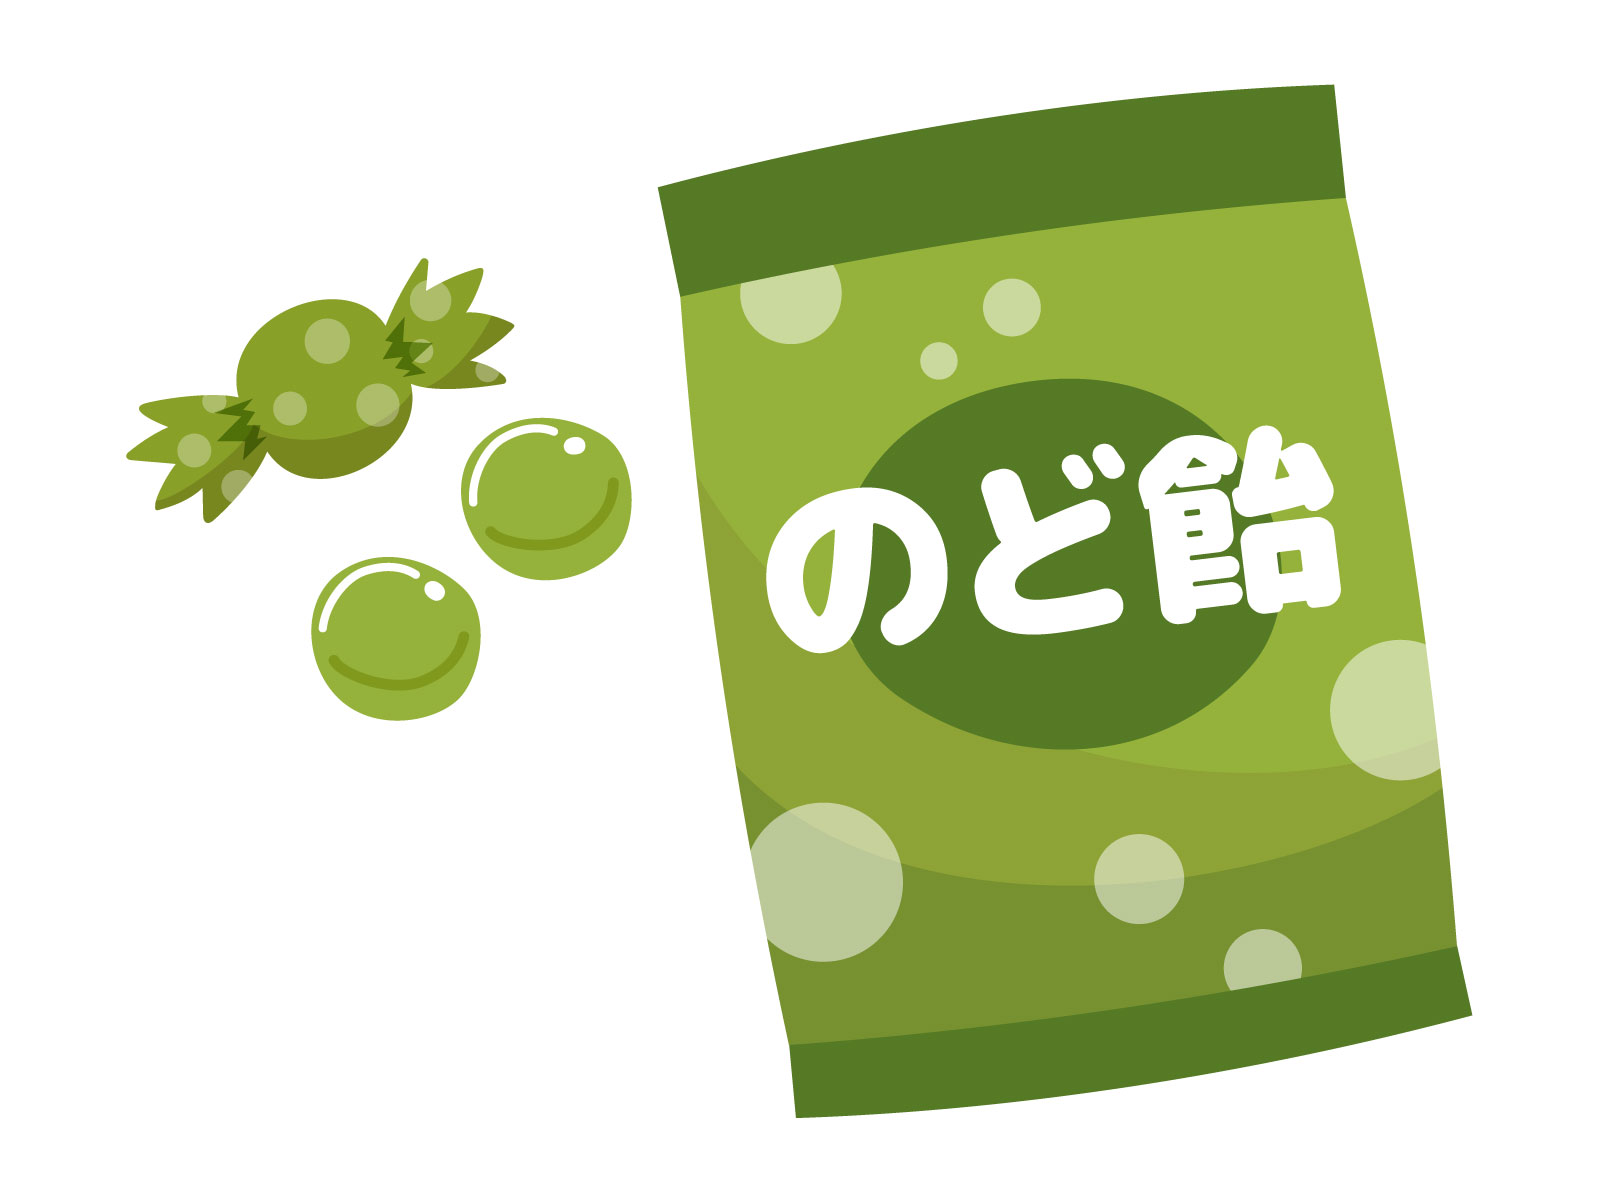 【カラオケ】喉の調子よくするための食べる物とか飲み物とかってある?